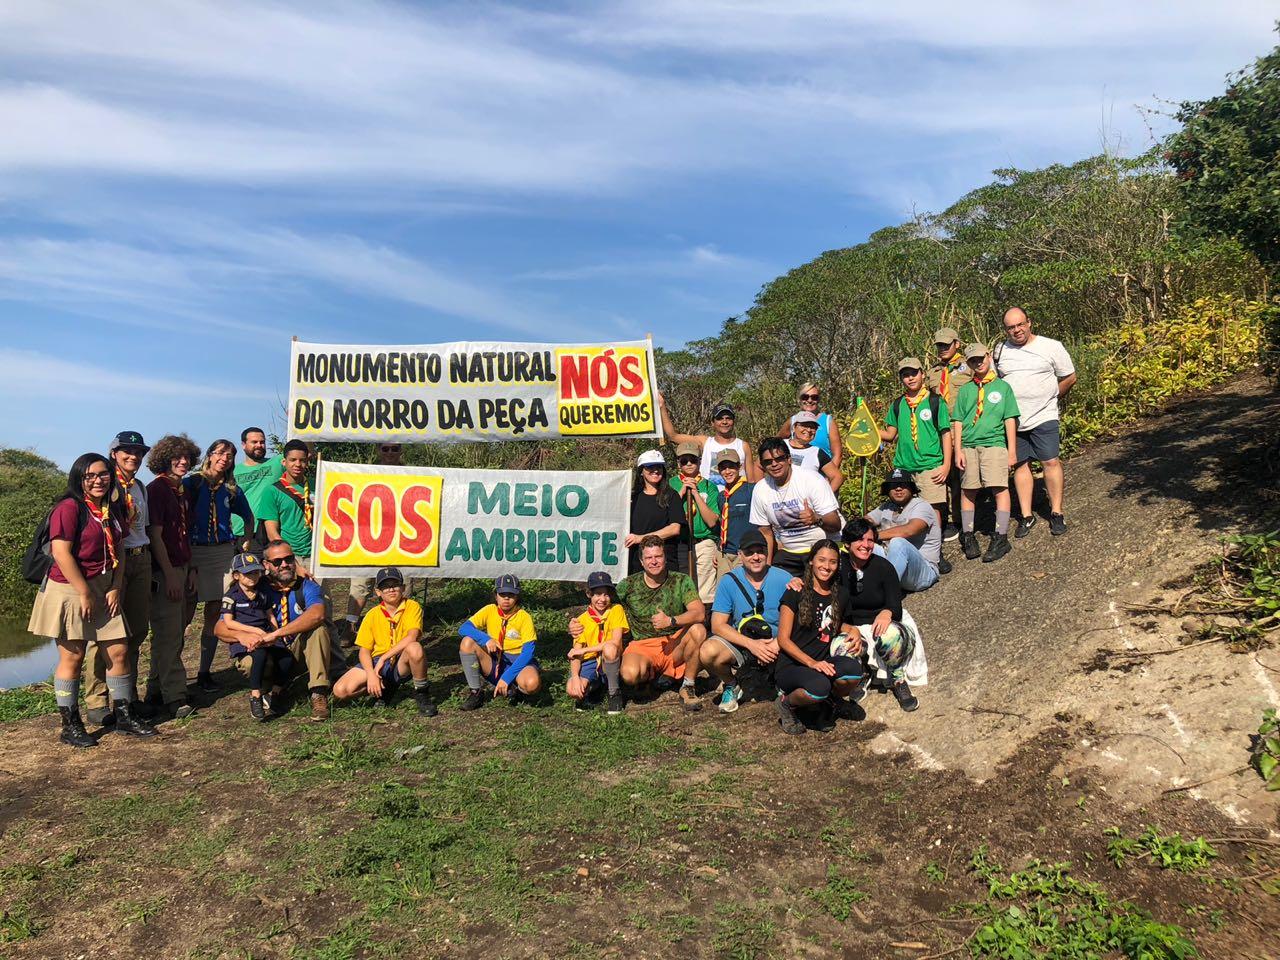 Morro da Peça Caminhada Ecológica Junho 2018